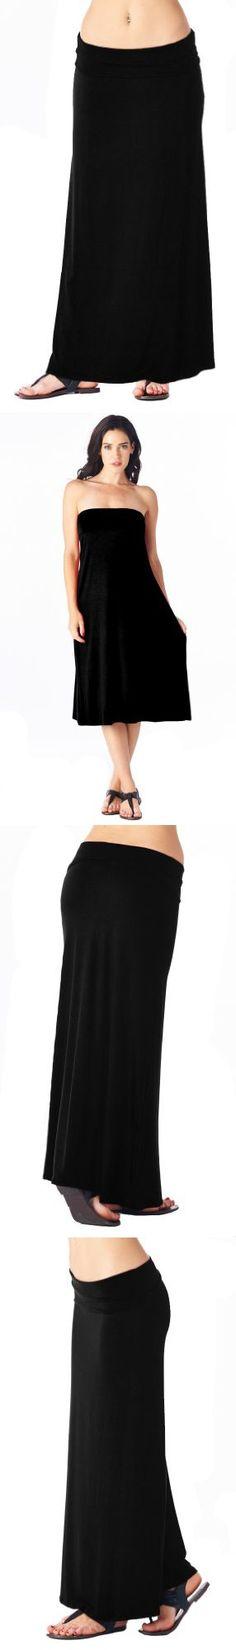 7ed2156c57ca9 Plus Size Alex Evenings 491498 Skirt --Size  2x Color  Black ...